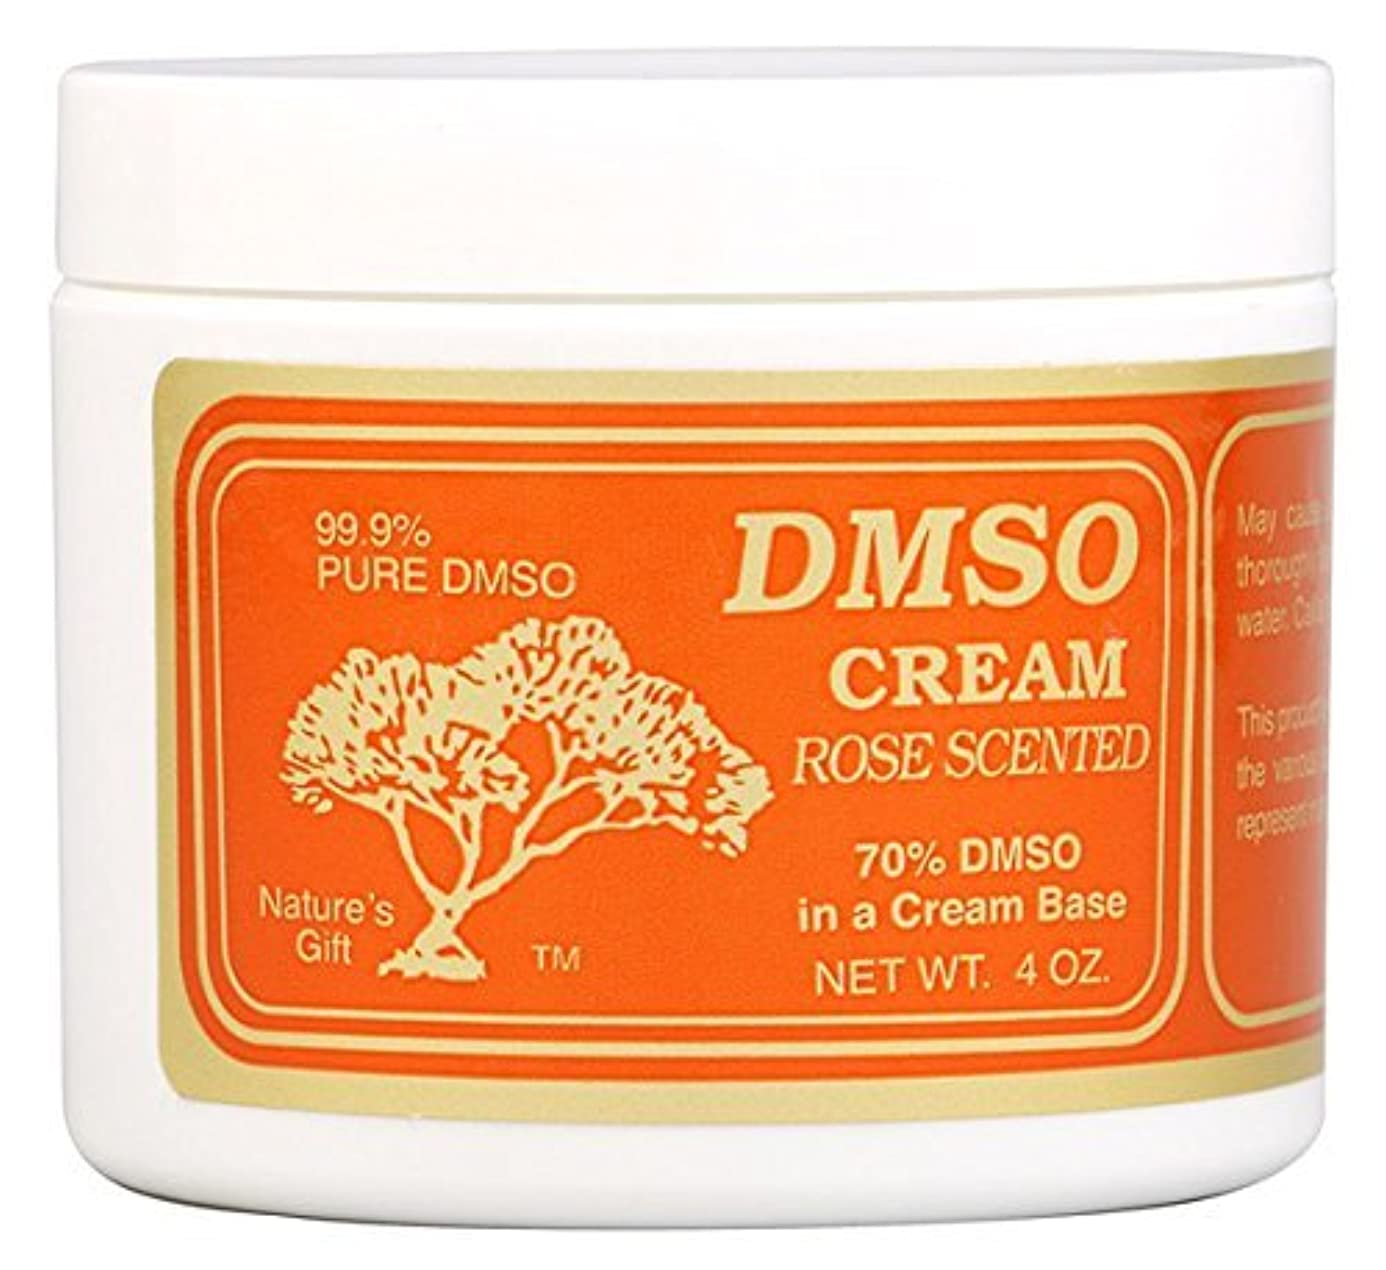 発生この篭DMSO Cream Rose Scented - 4 oz [並行輸入品]